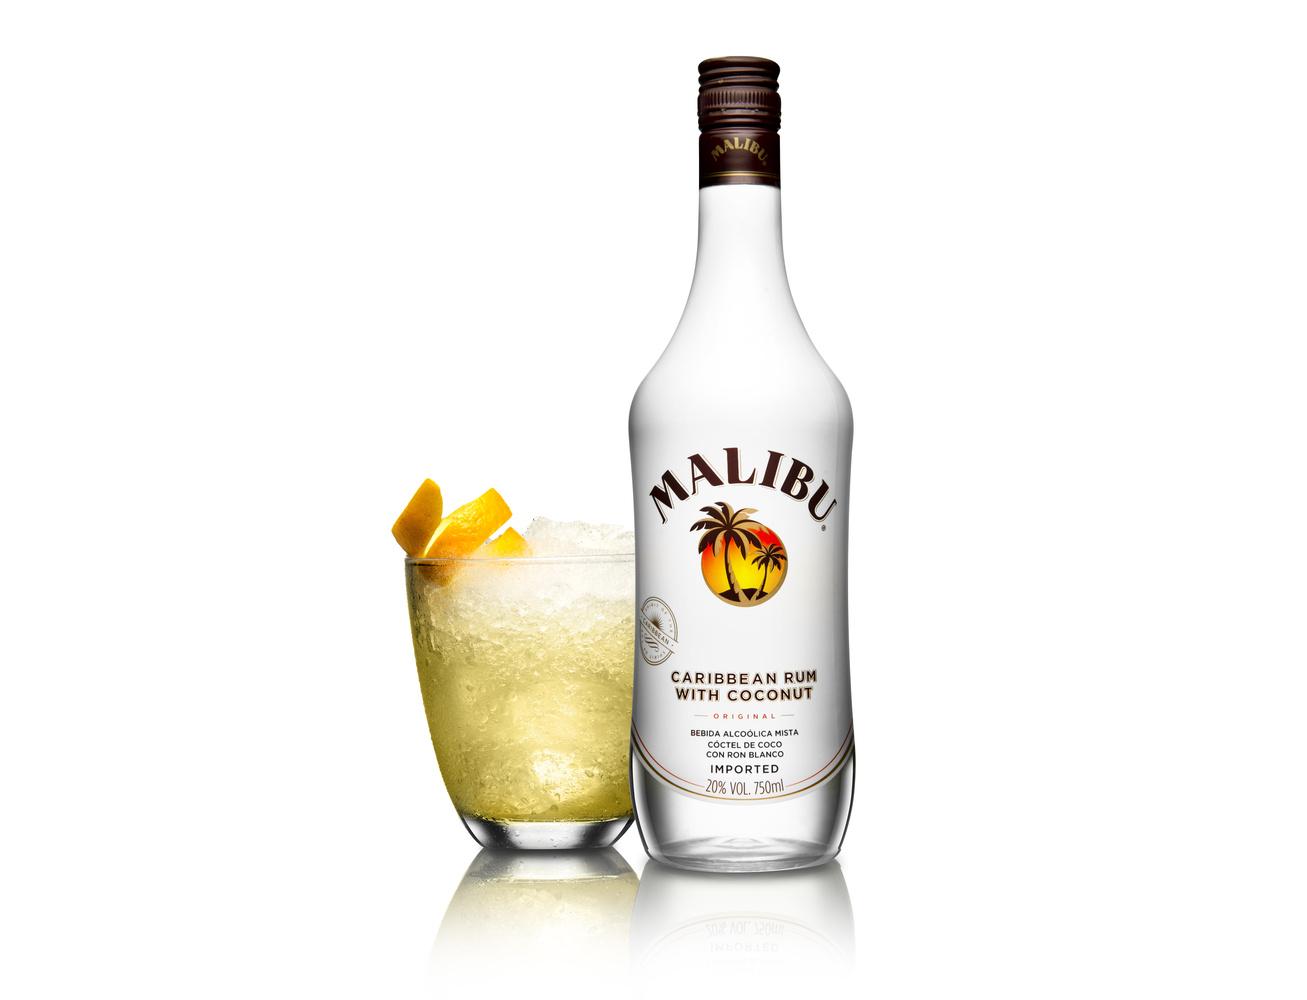 Malibu Rum by Pablo Sarlo